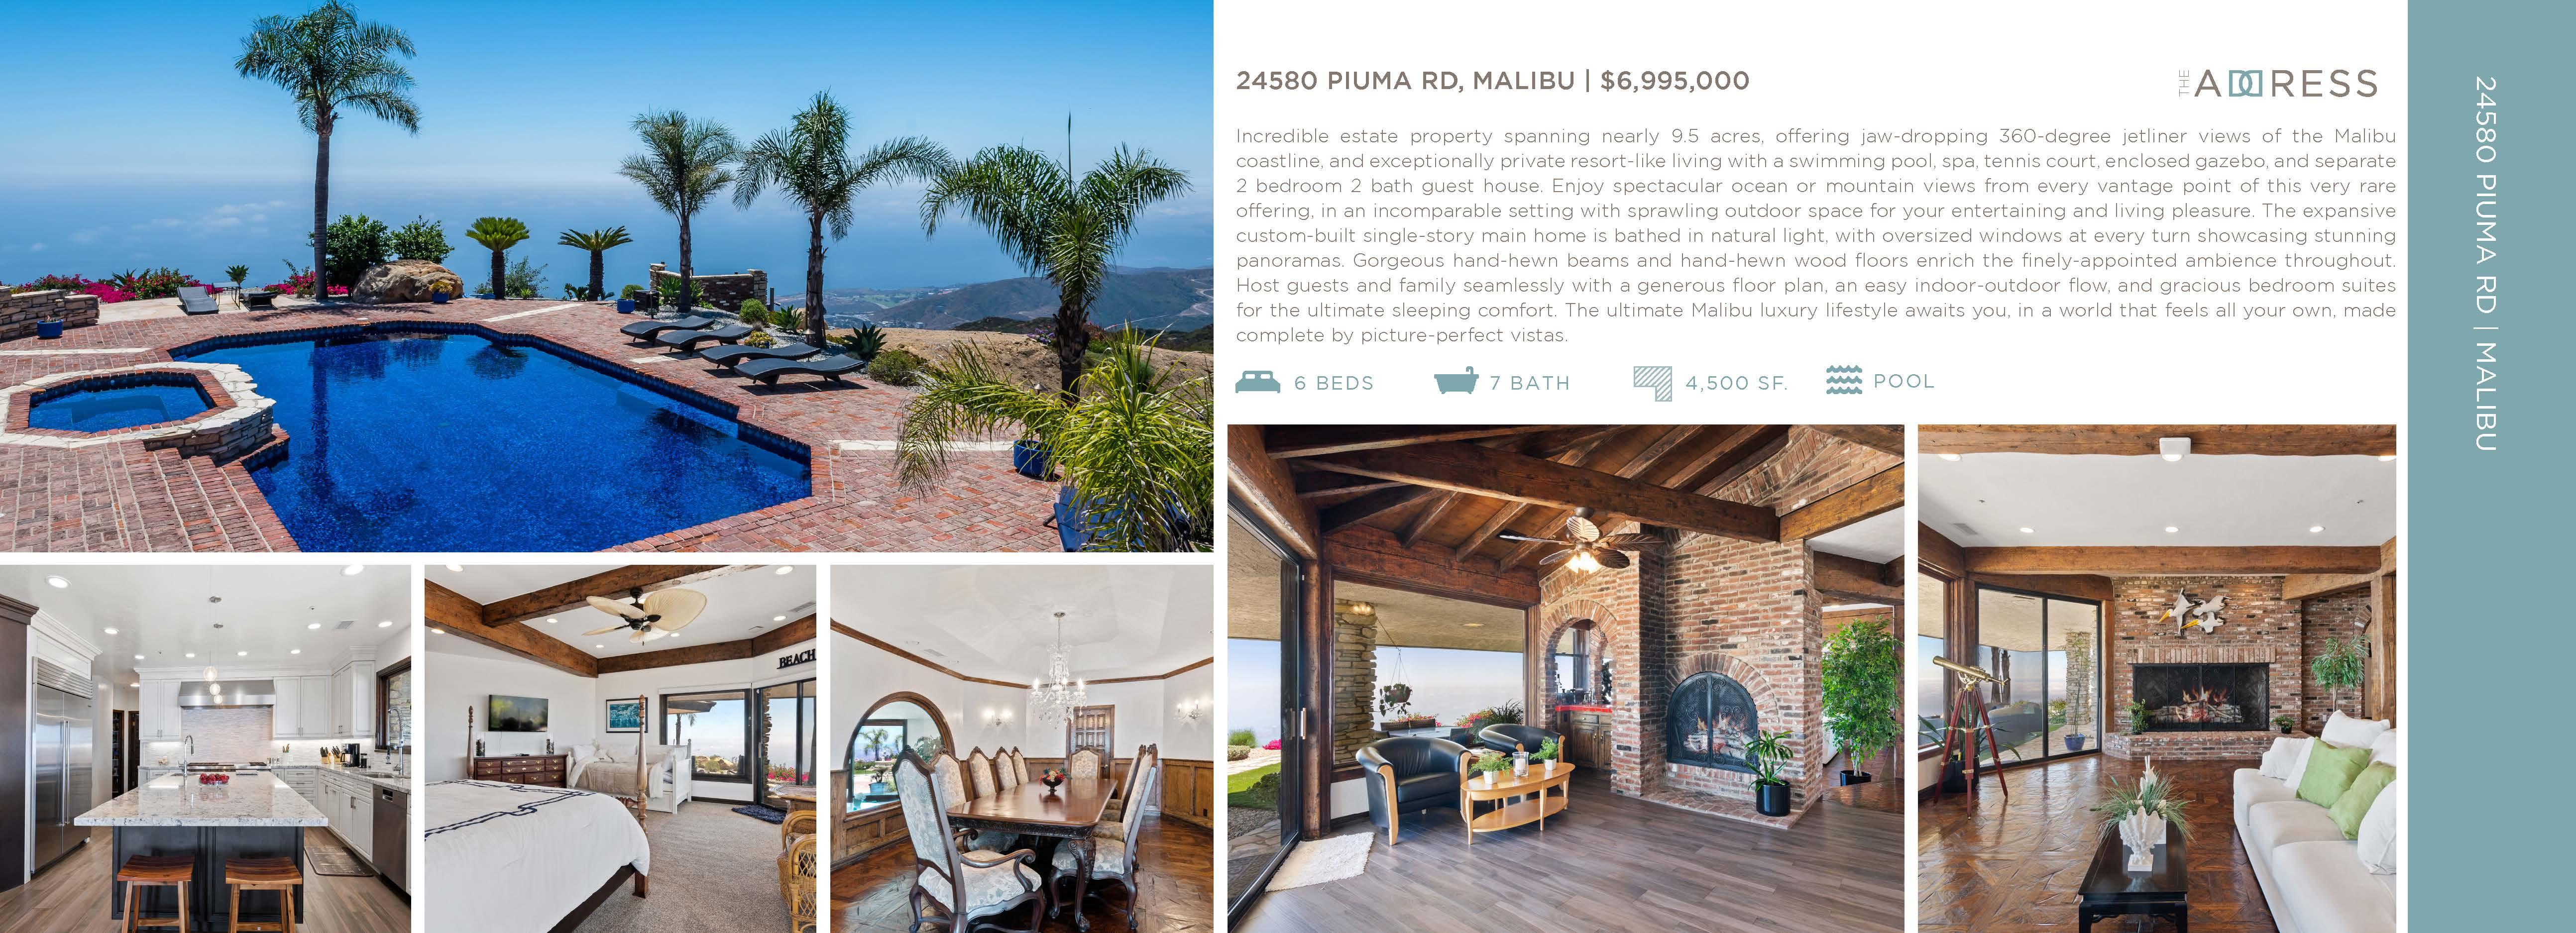 24580 Piuma Rd, Malibu_Page_1